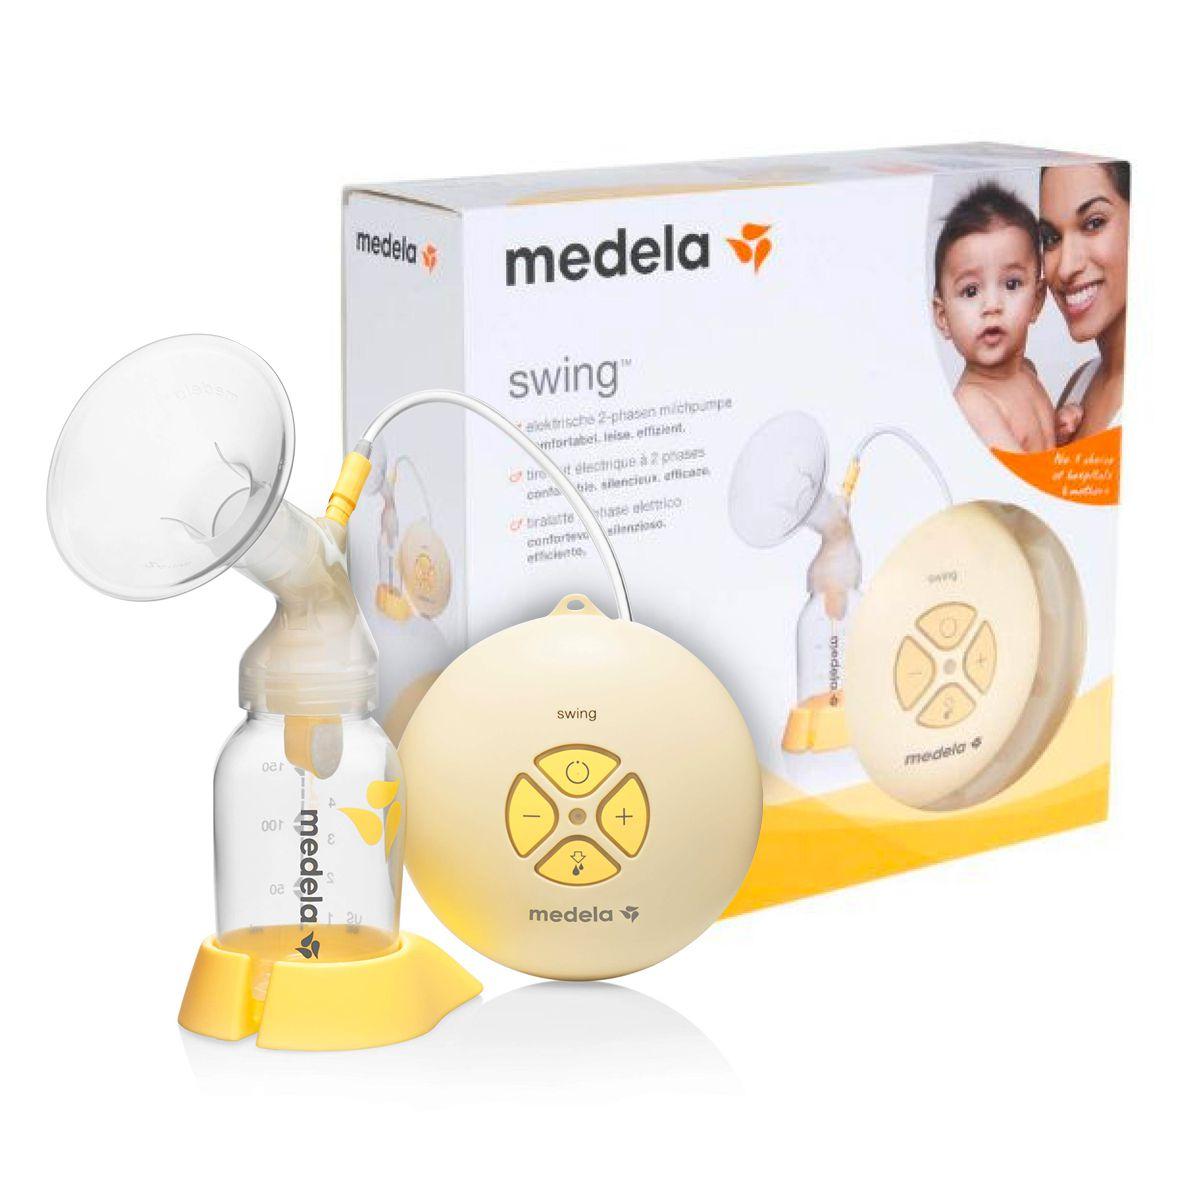 Kit Amamentação Medela Swing – Bomba extratora de leite materno elétrica + 3 Frascos para coleta e armazenamento de leite materno de 150ml + Bolsa para esterilização em microondas Quick Clean